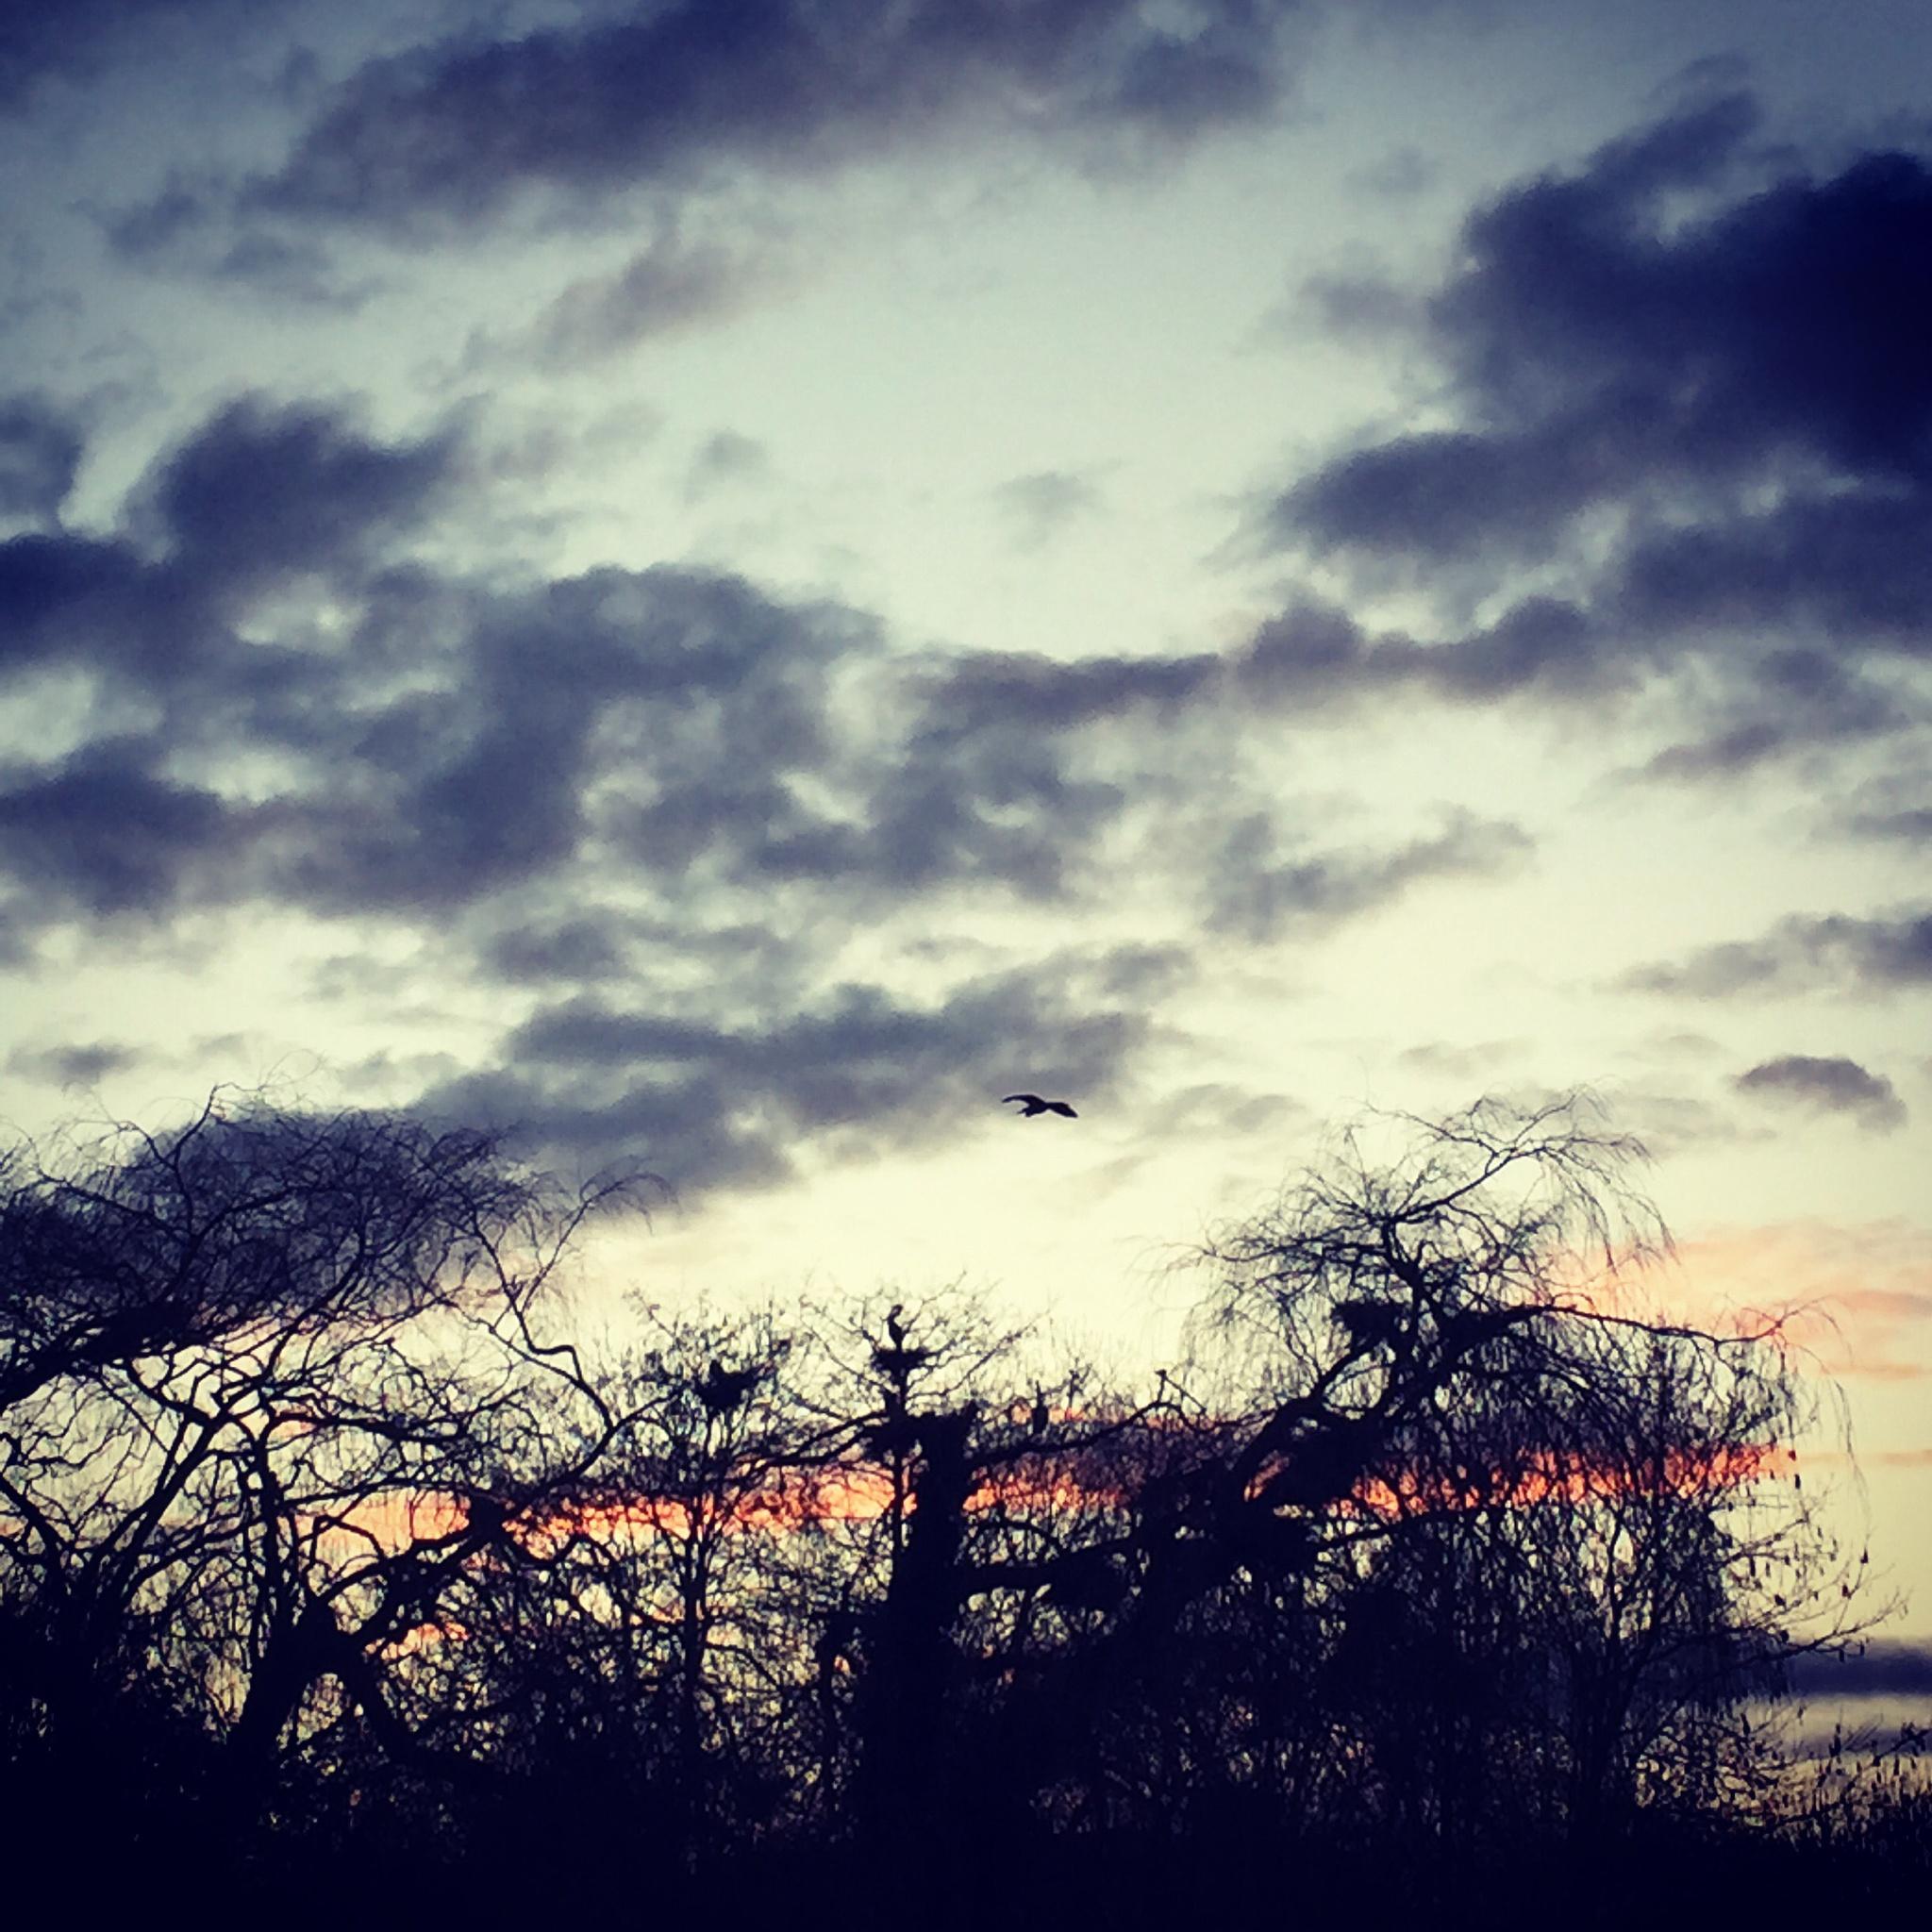 Sun down by Borg de Nobel